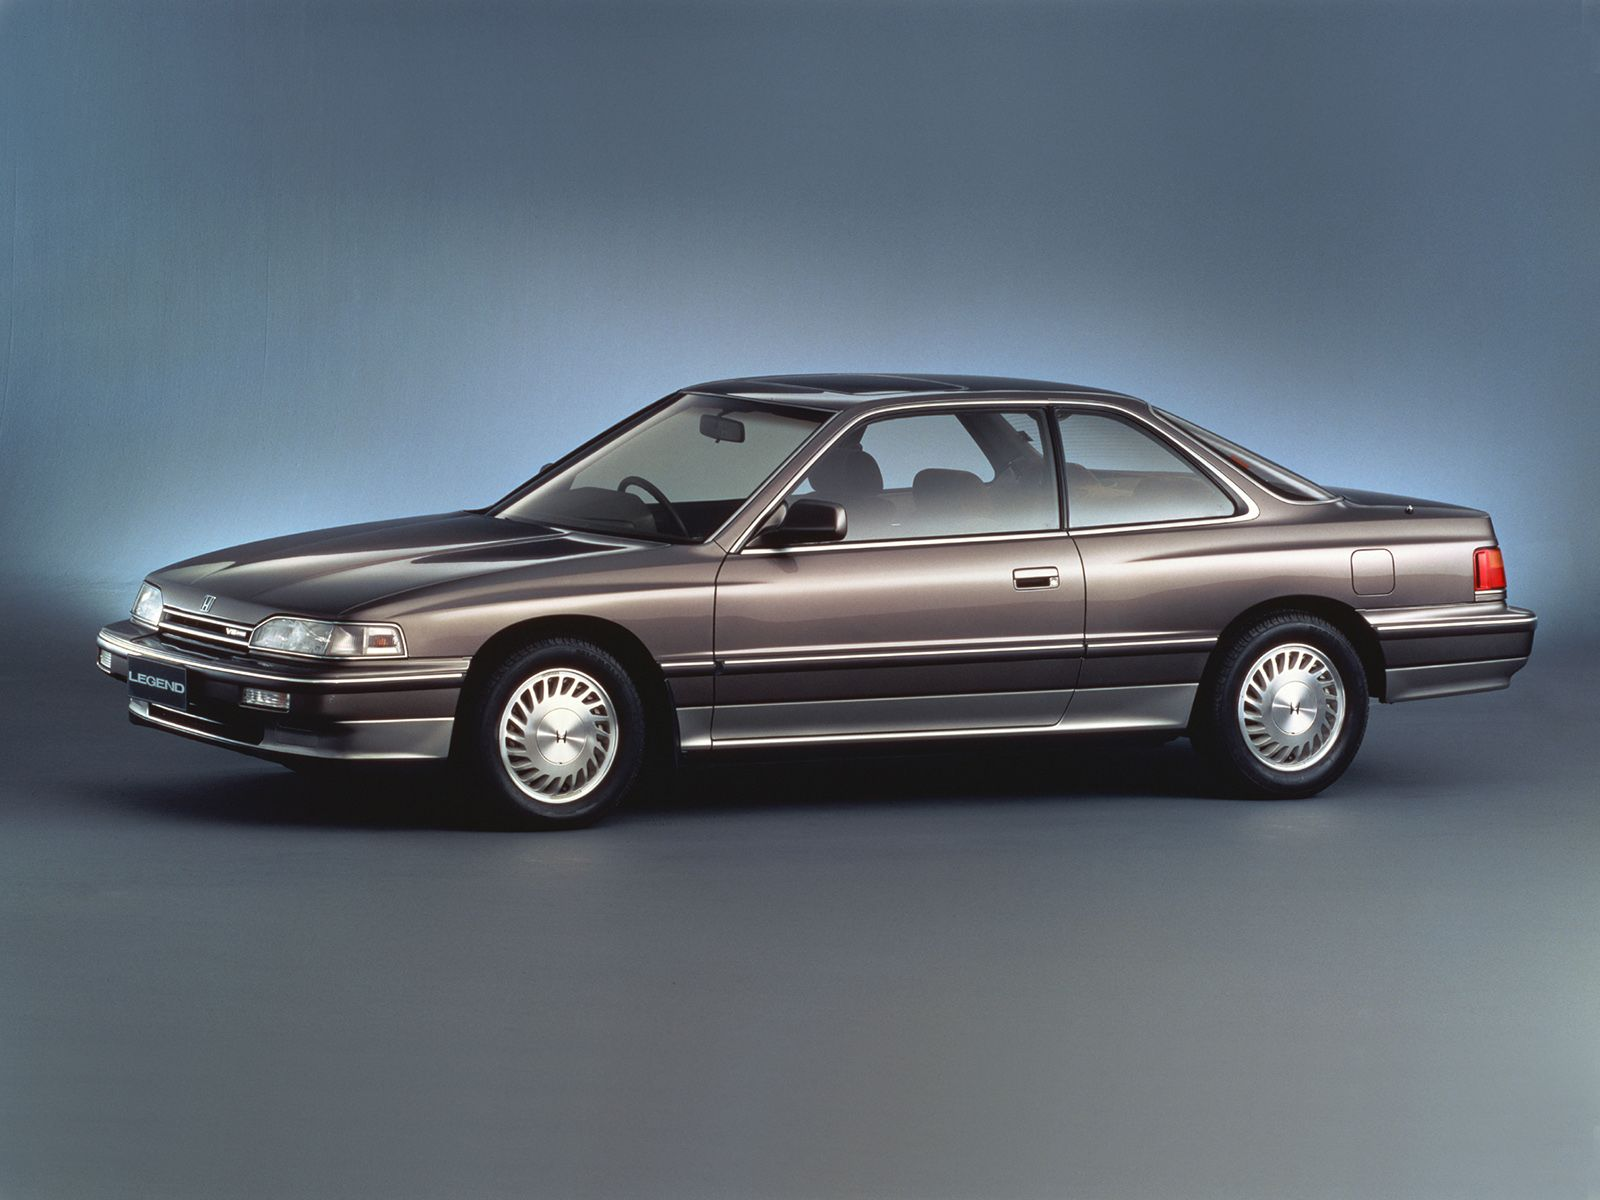 1987 90 Honda Legend Exclusive 2 Door Hardtop Honda Legend Honda Accord Coupe Honda